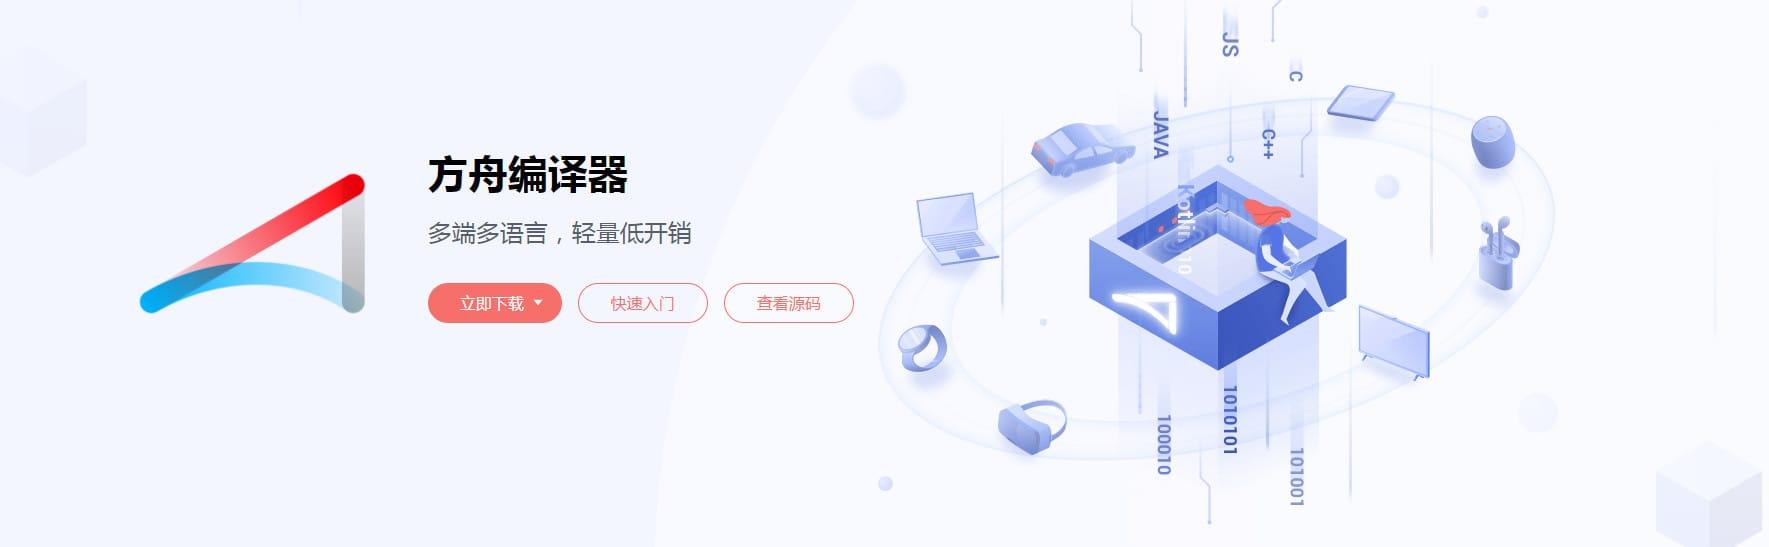 华为方舟编译器开源,源码在 Gitee 同步发布-Gitee 官方博客